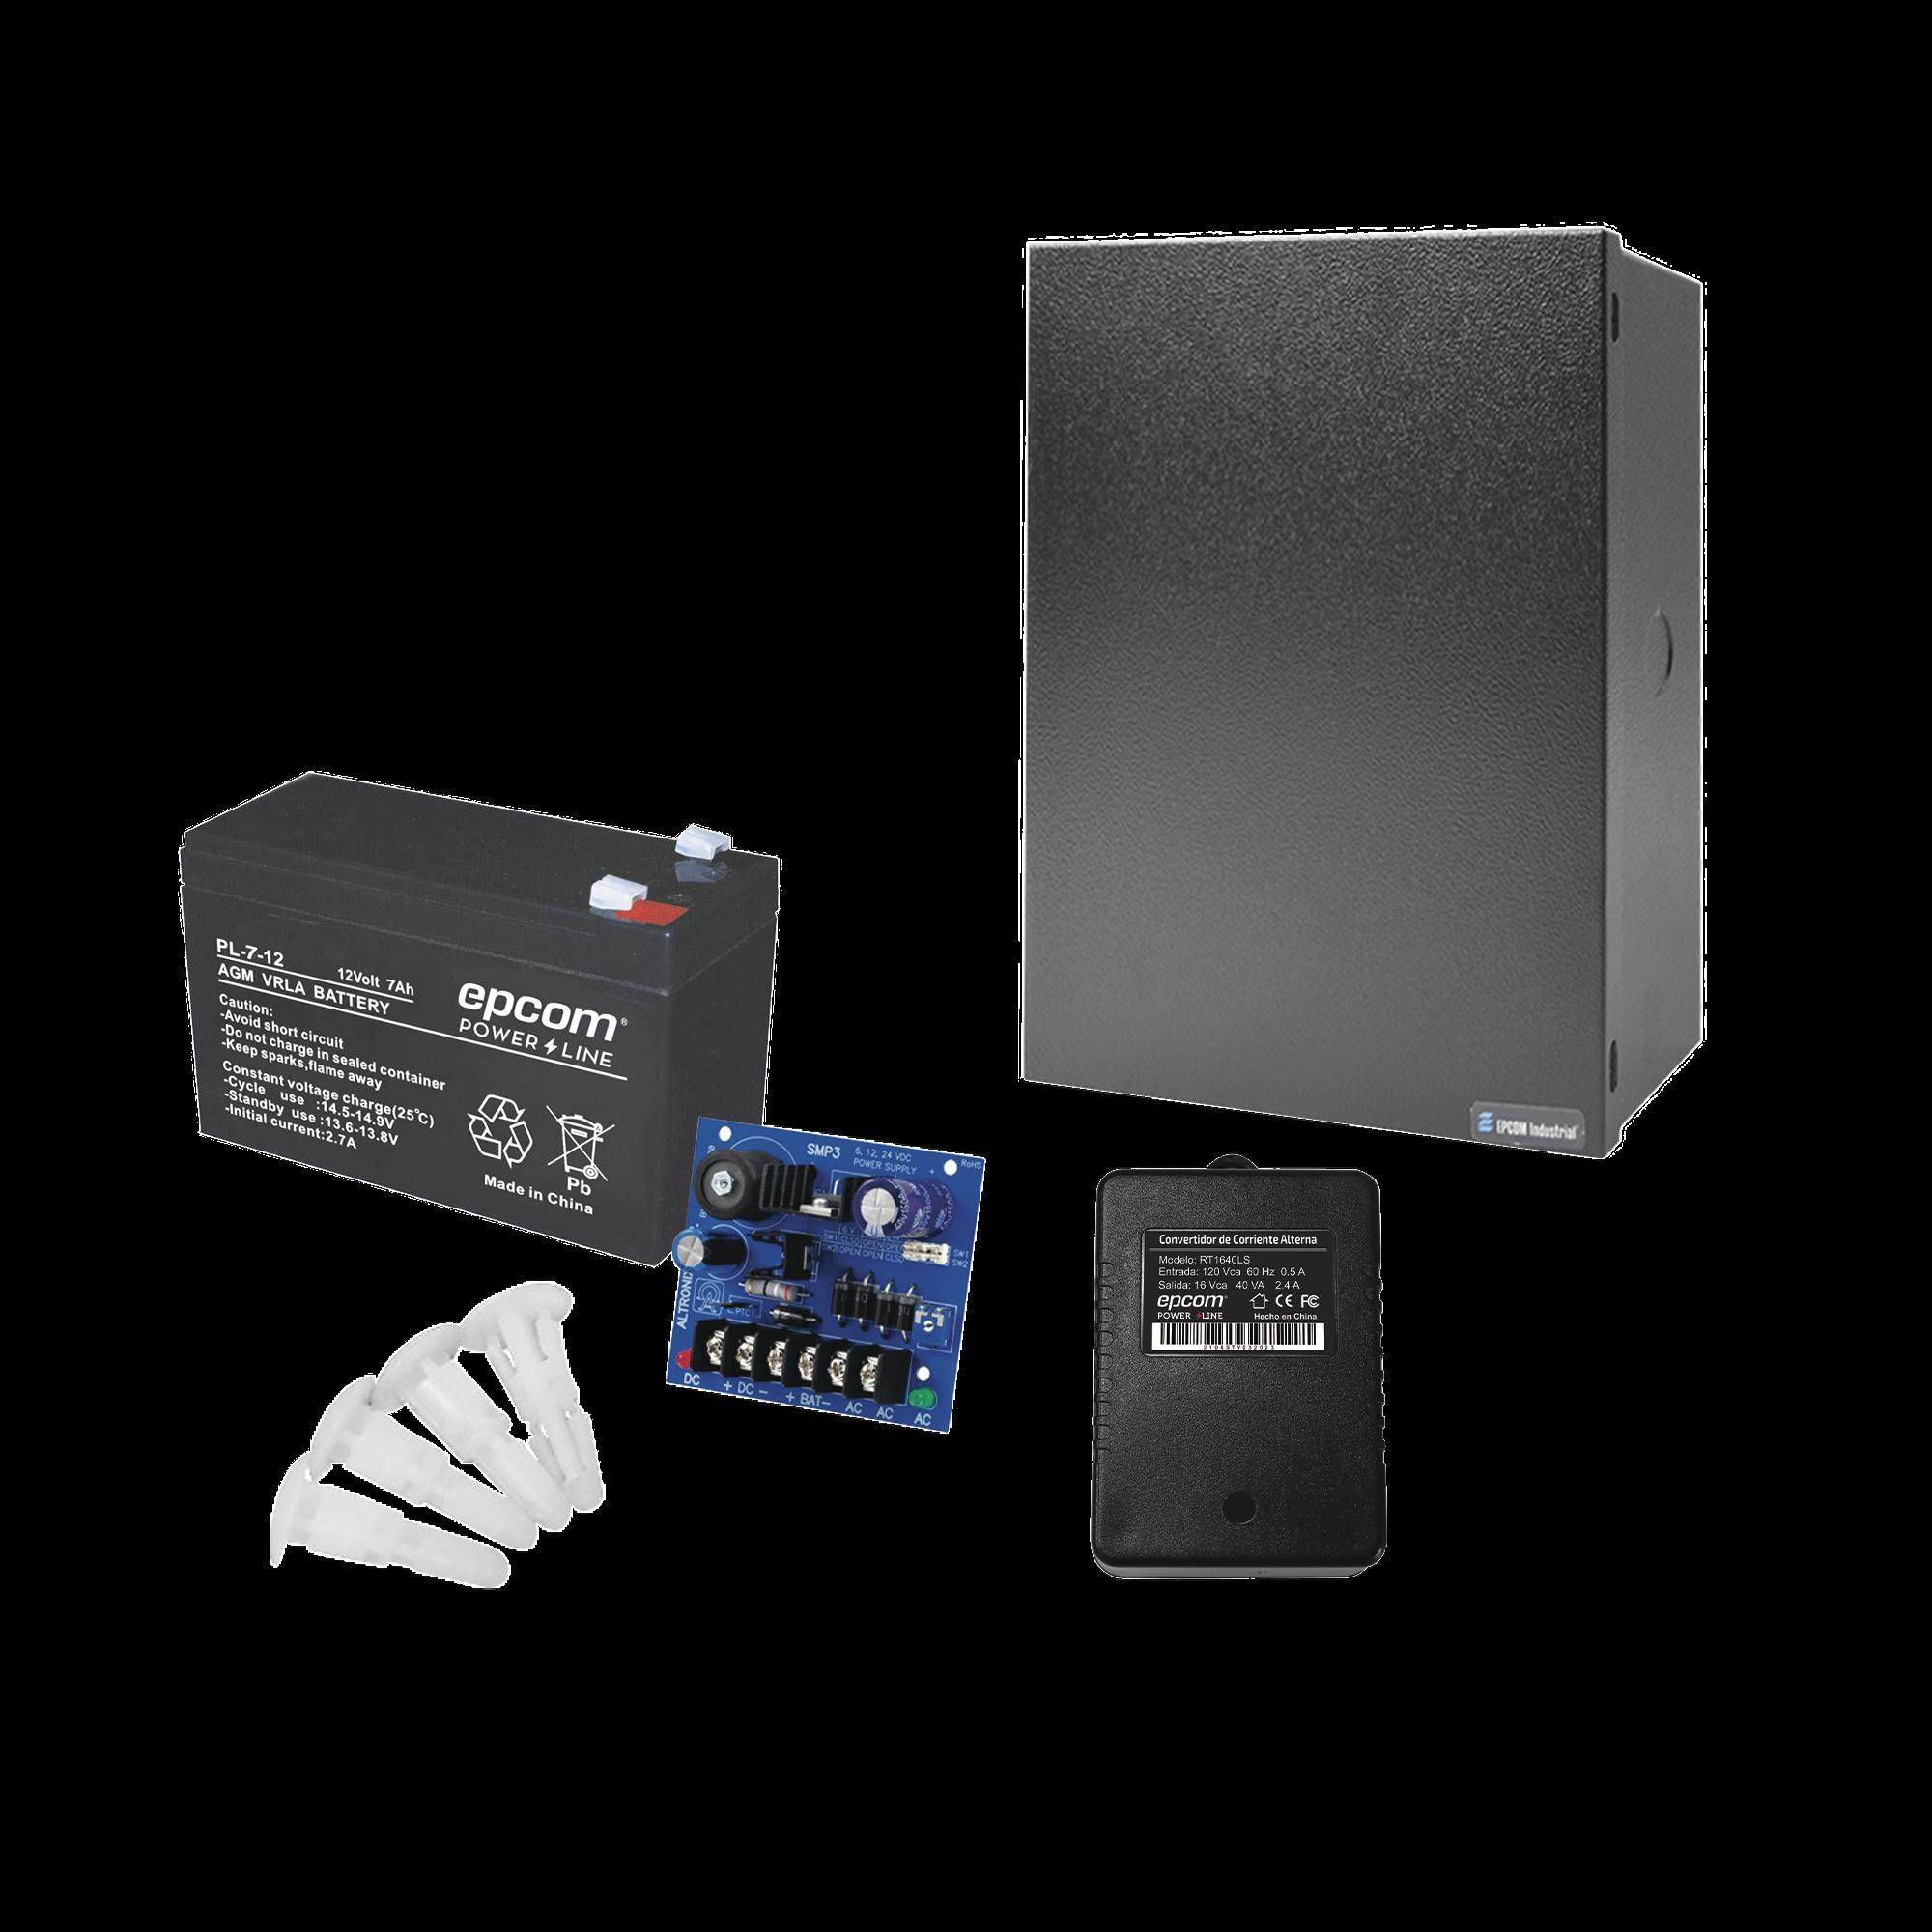 Kit de fuente de poder ALTRONIX ( SMP3 ) , incluye transformador y bateria de  7 Ah